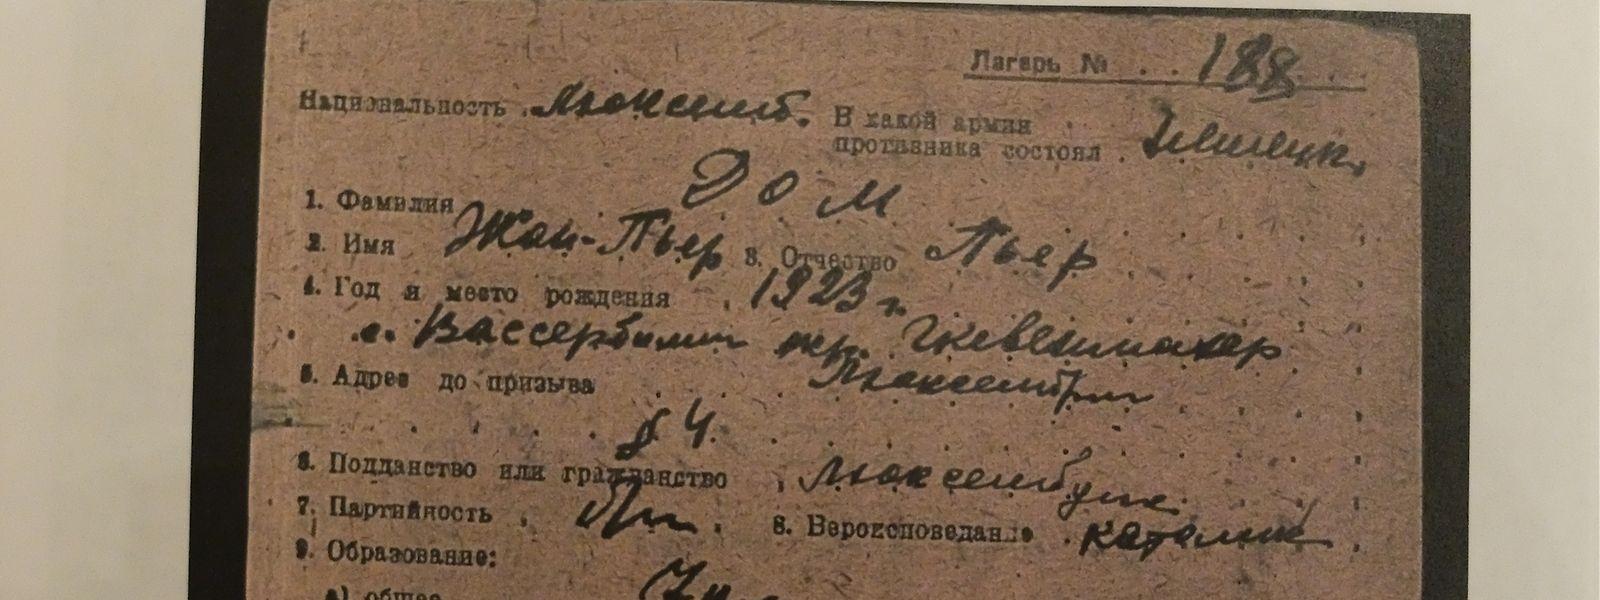 Die Historiker erhoffen sich von den persönlichen Akten der Kriegsgefangenen neue Erkenntnisse.